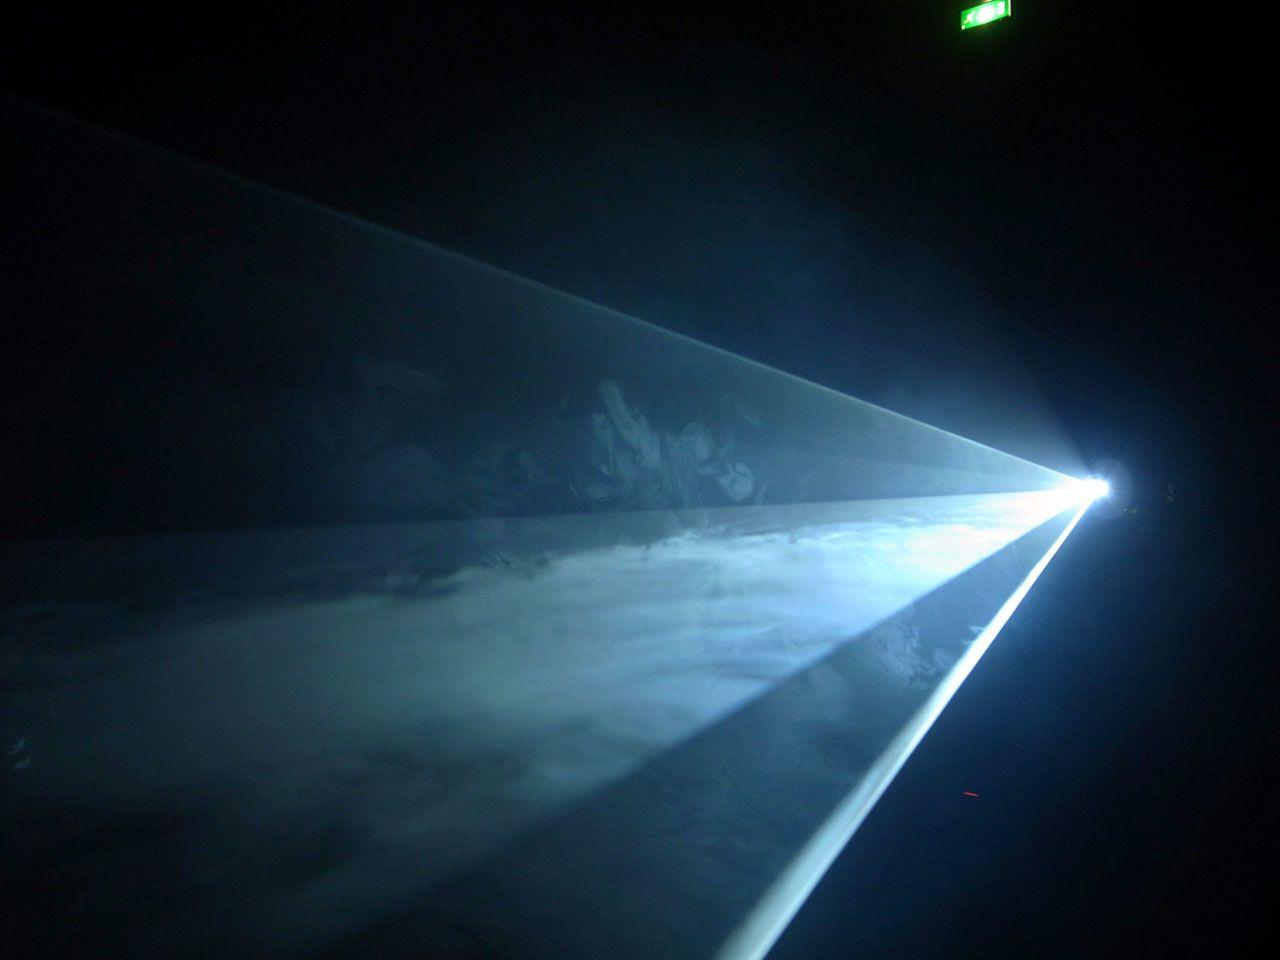 Jeux de lumière - Les Liaisons dangereuses